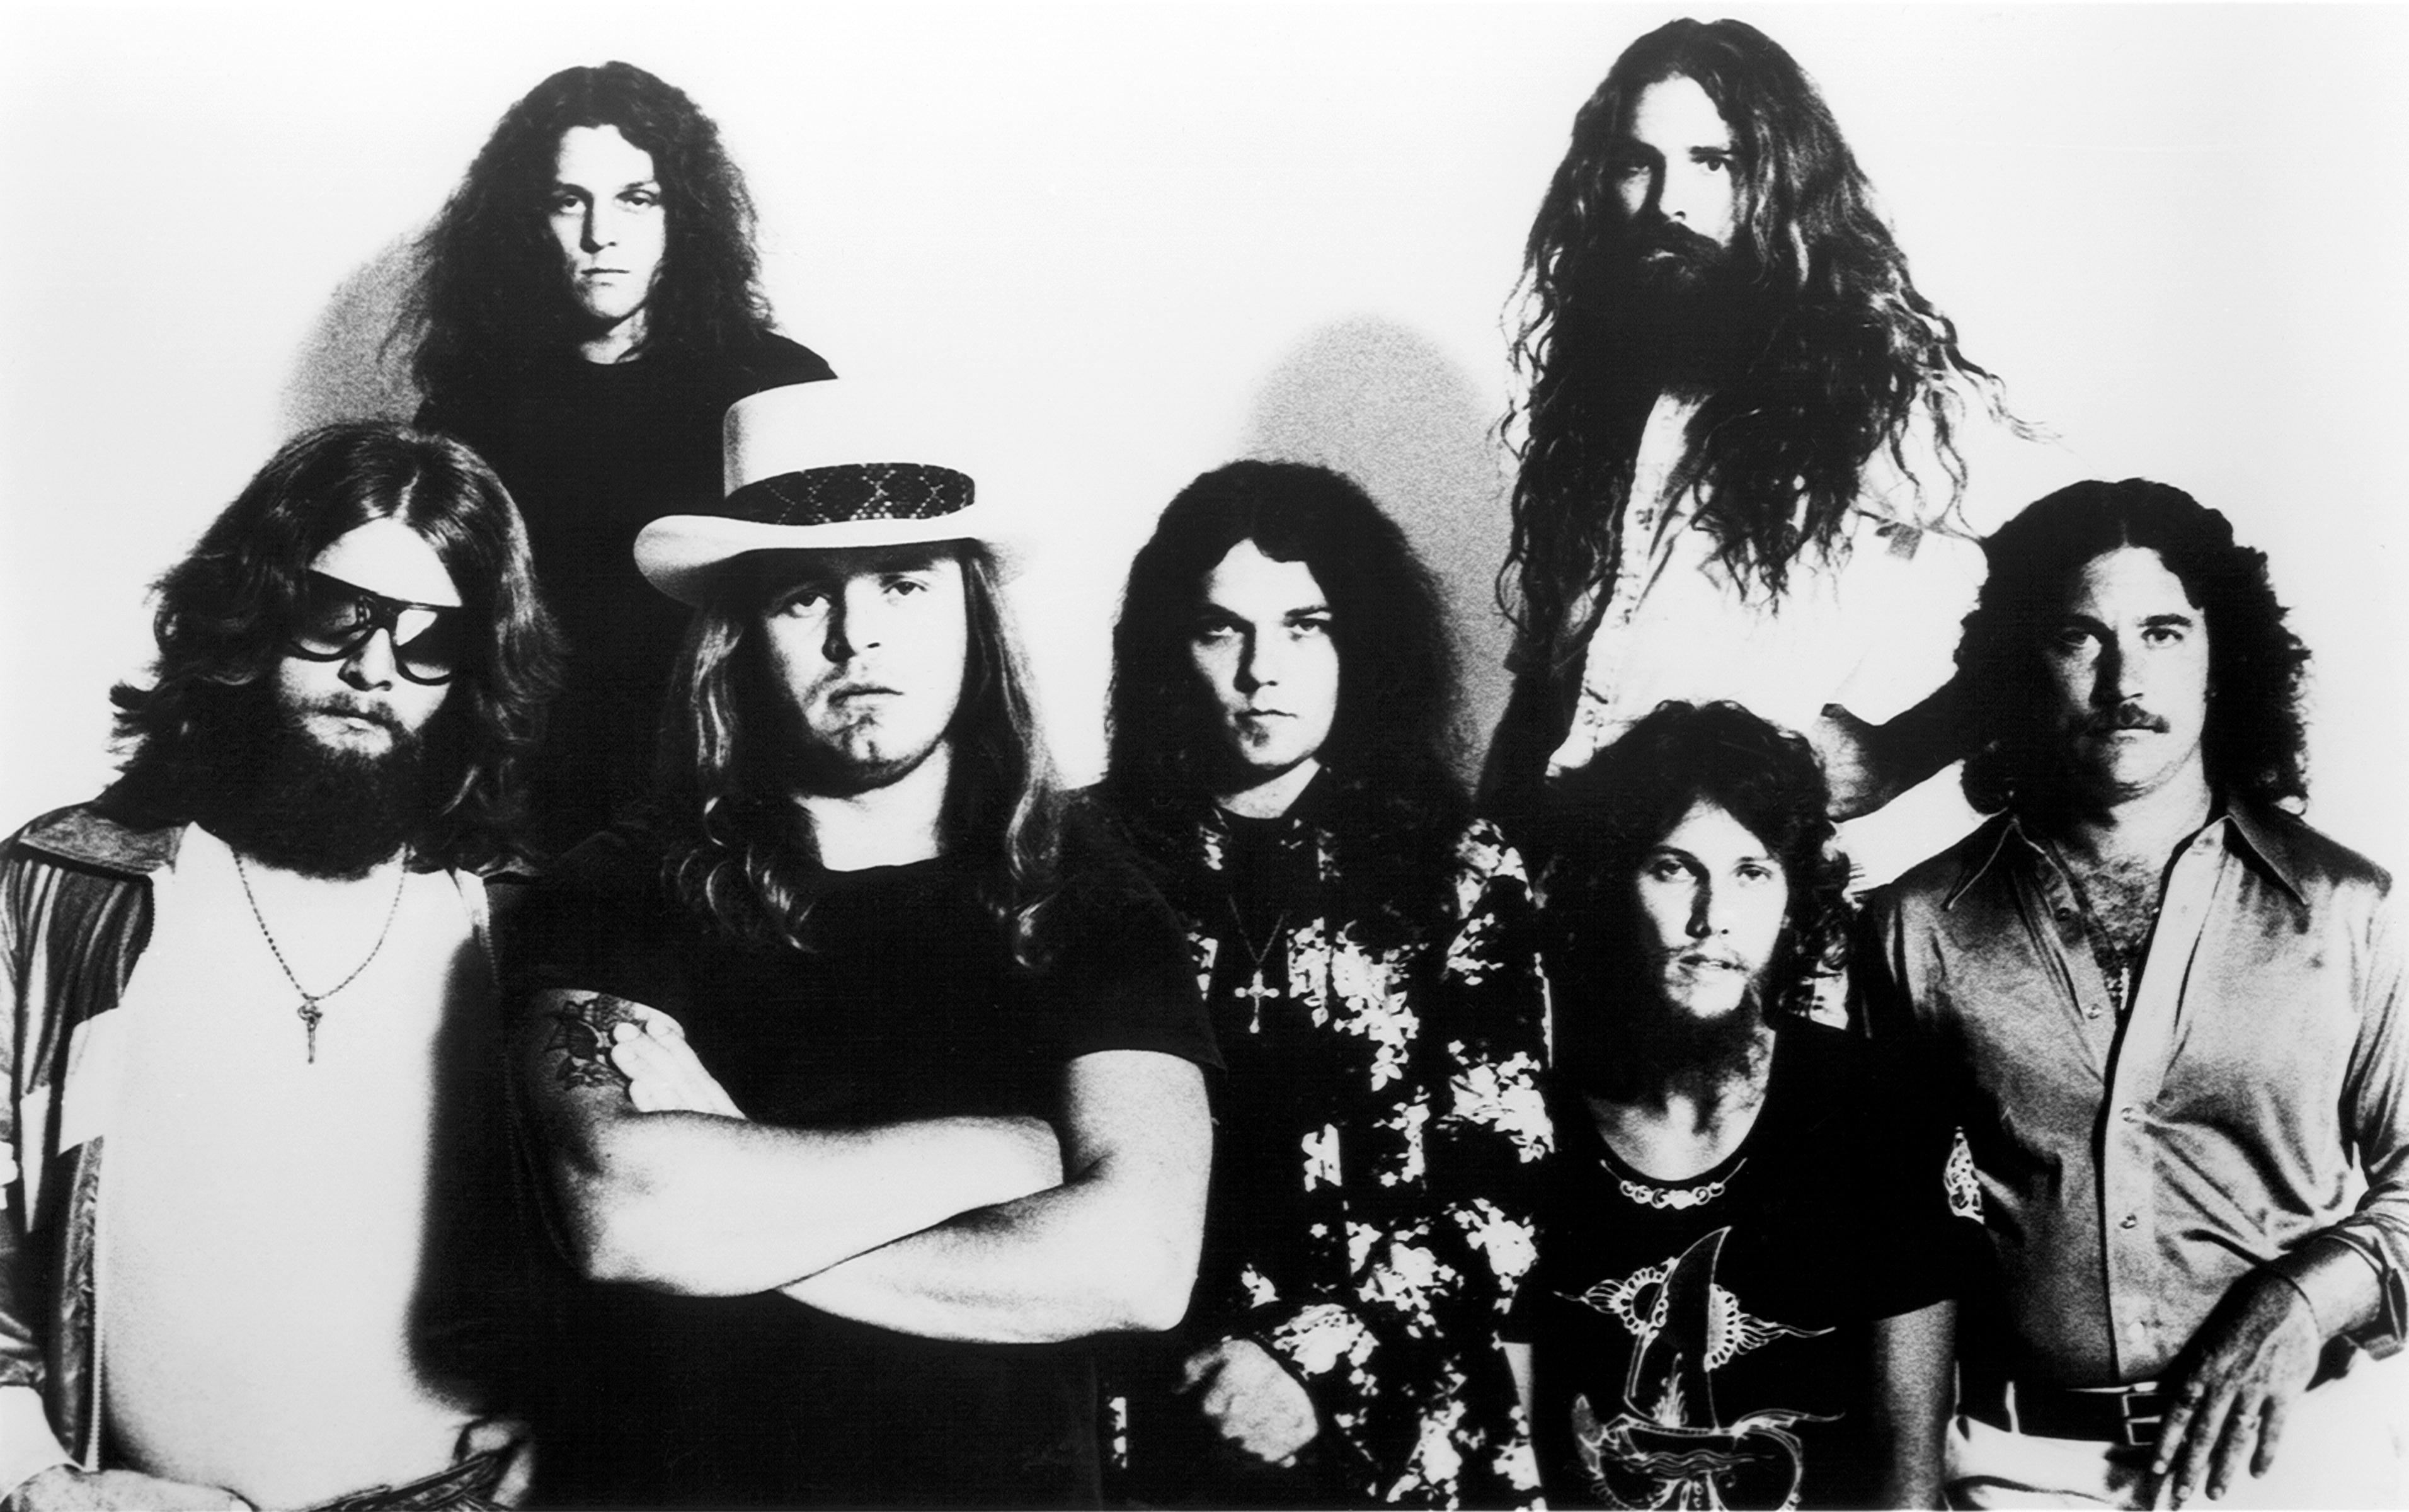 Skynyrd in 1977